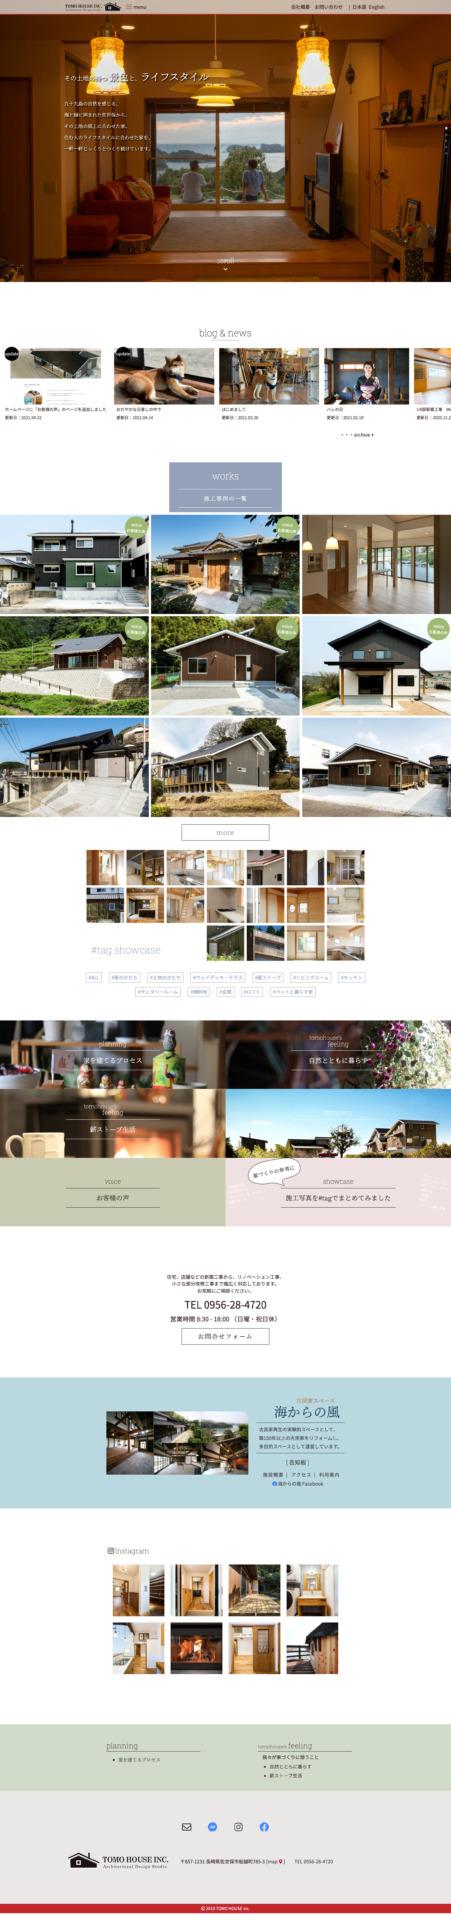 建築サイト制作 PCイメージ